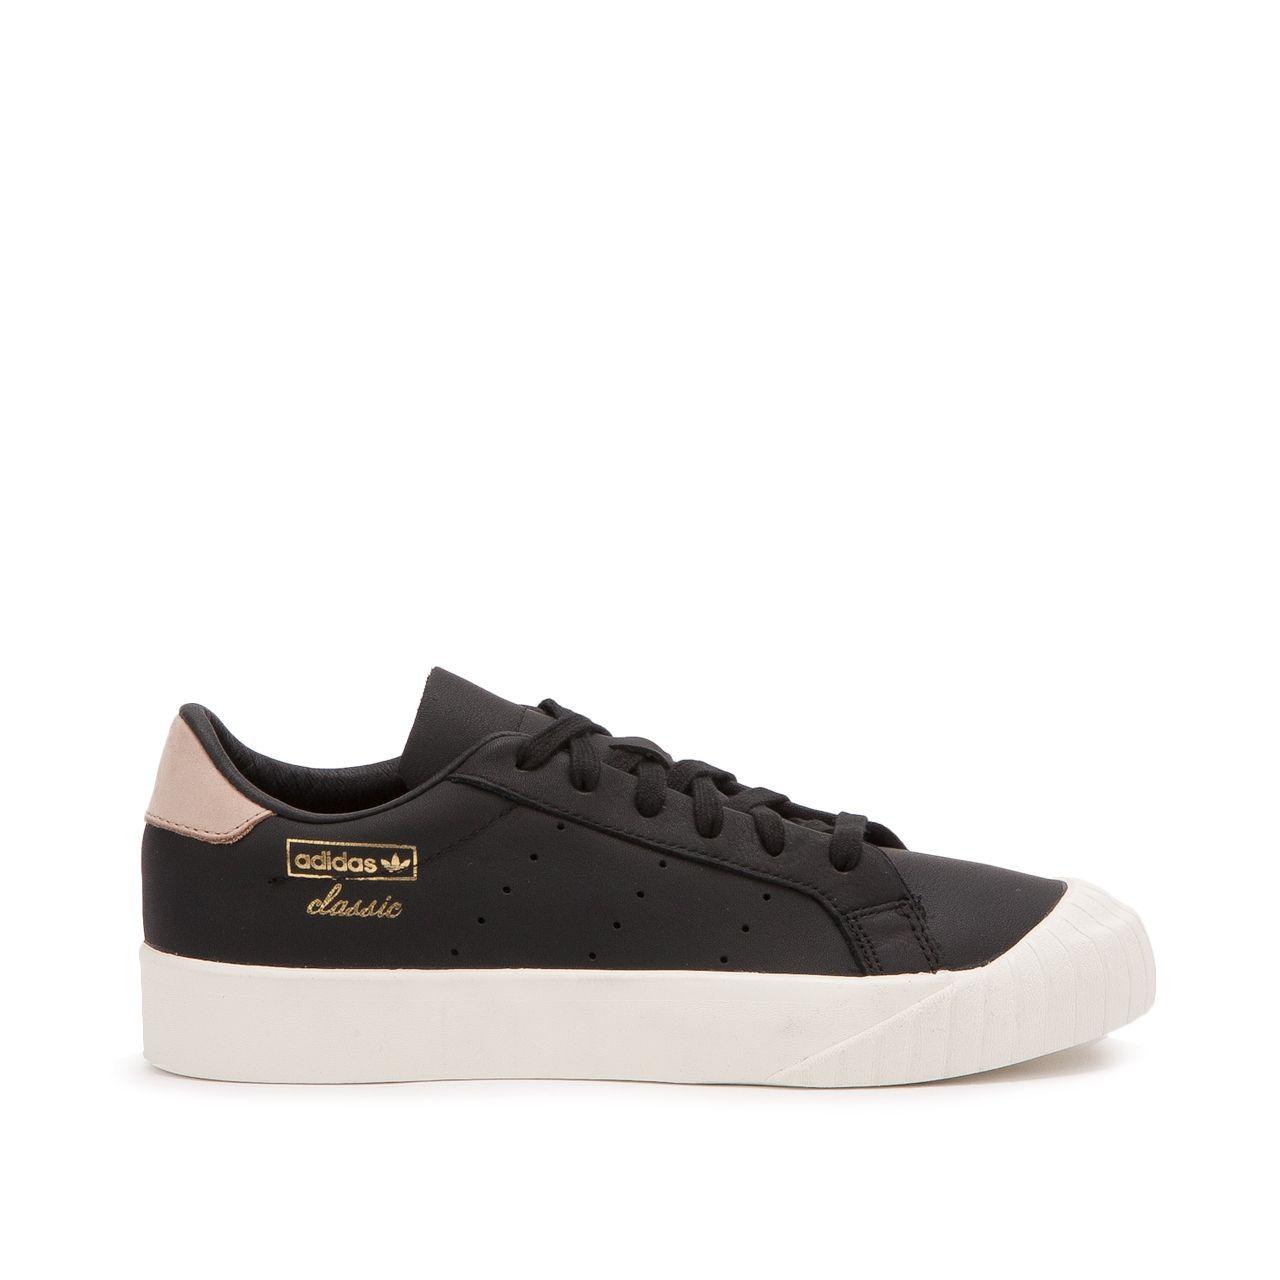 adidas Everyn W White White Black Schuhe Sneaker Weiß Schwarz